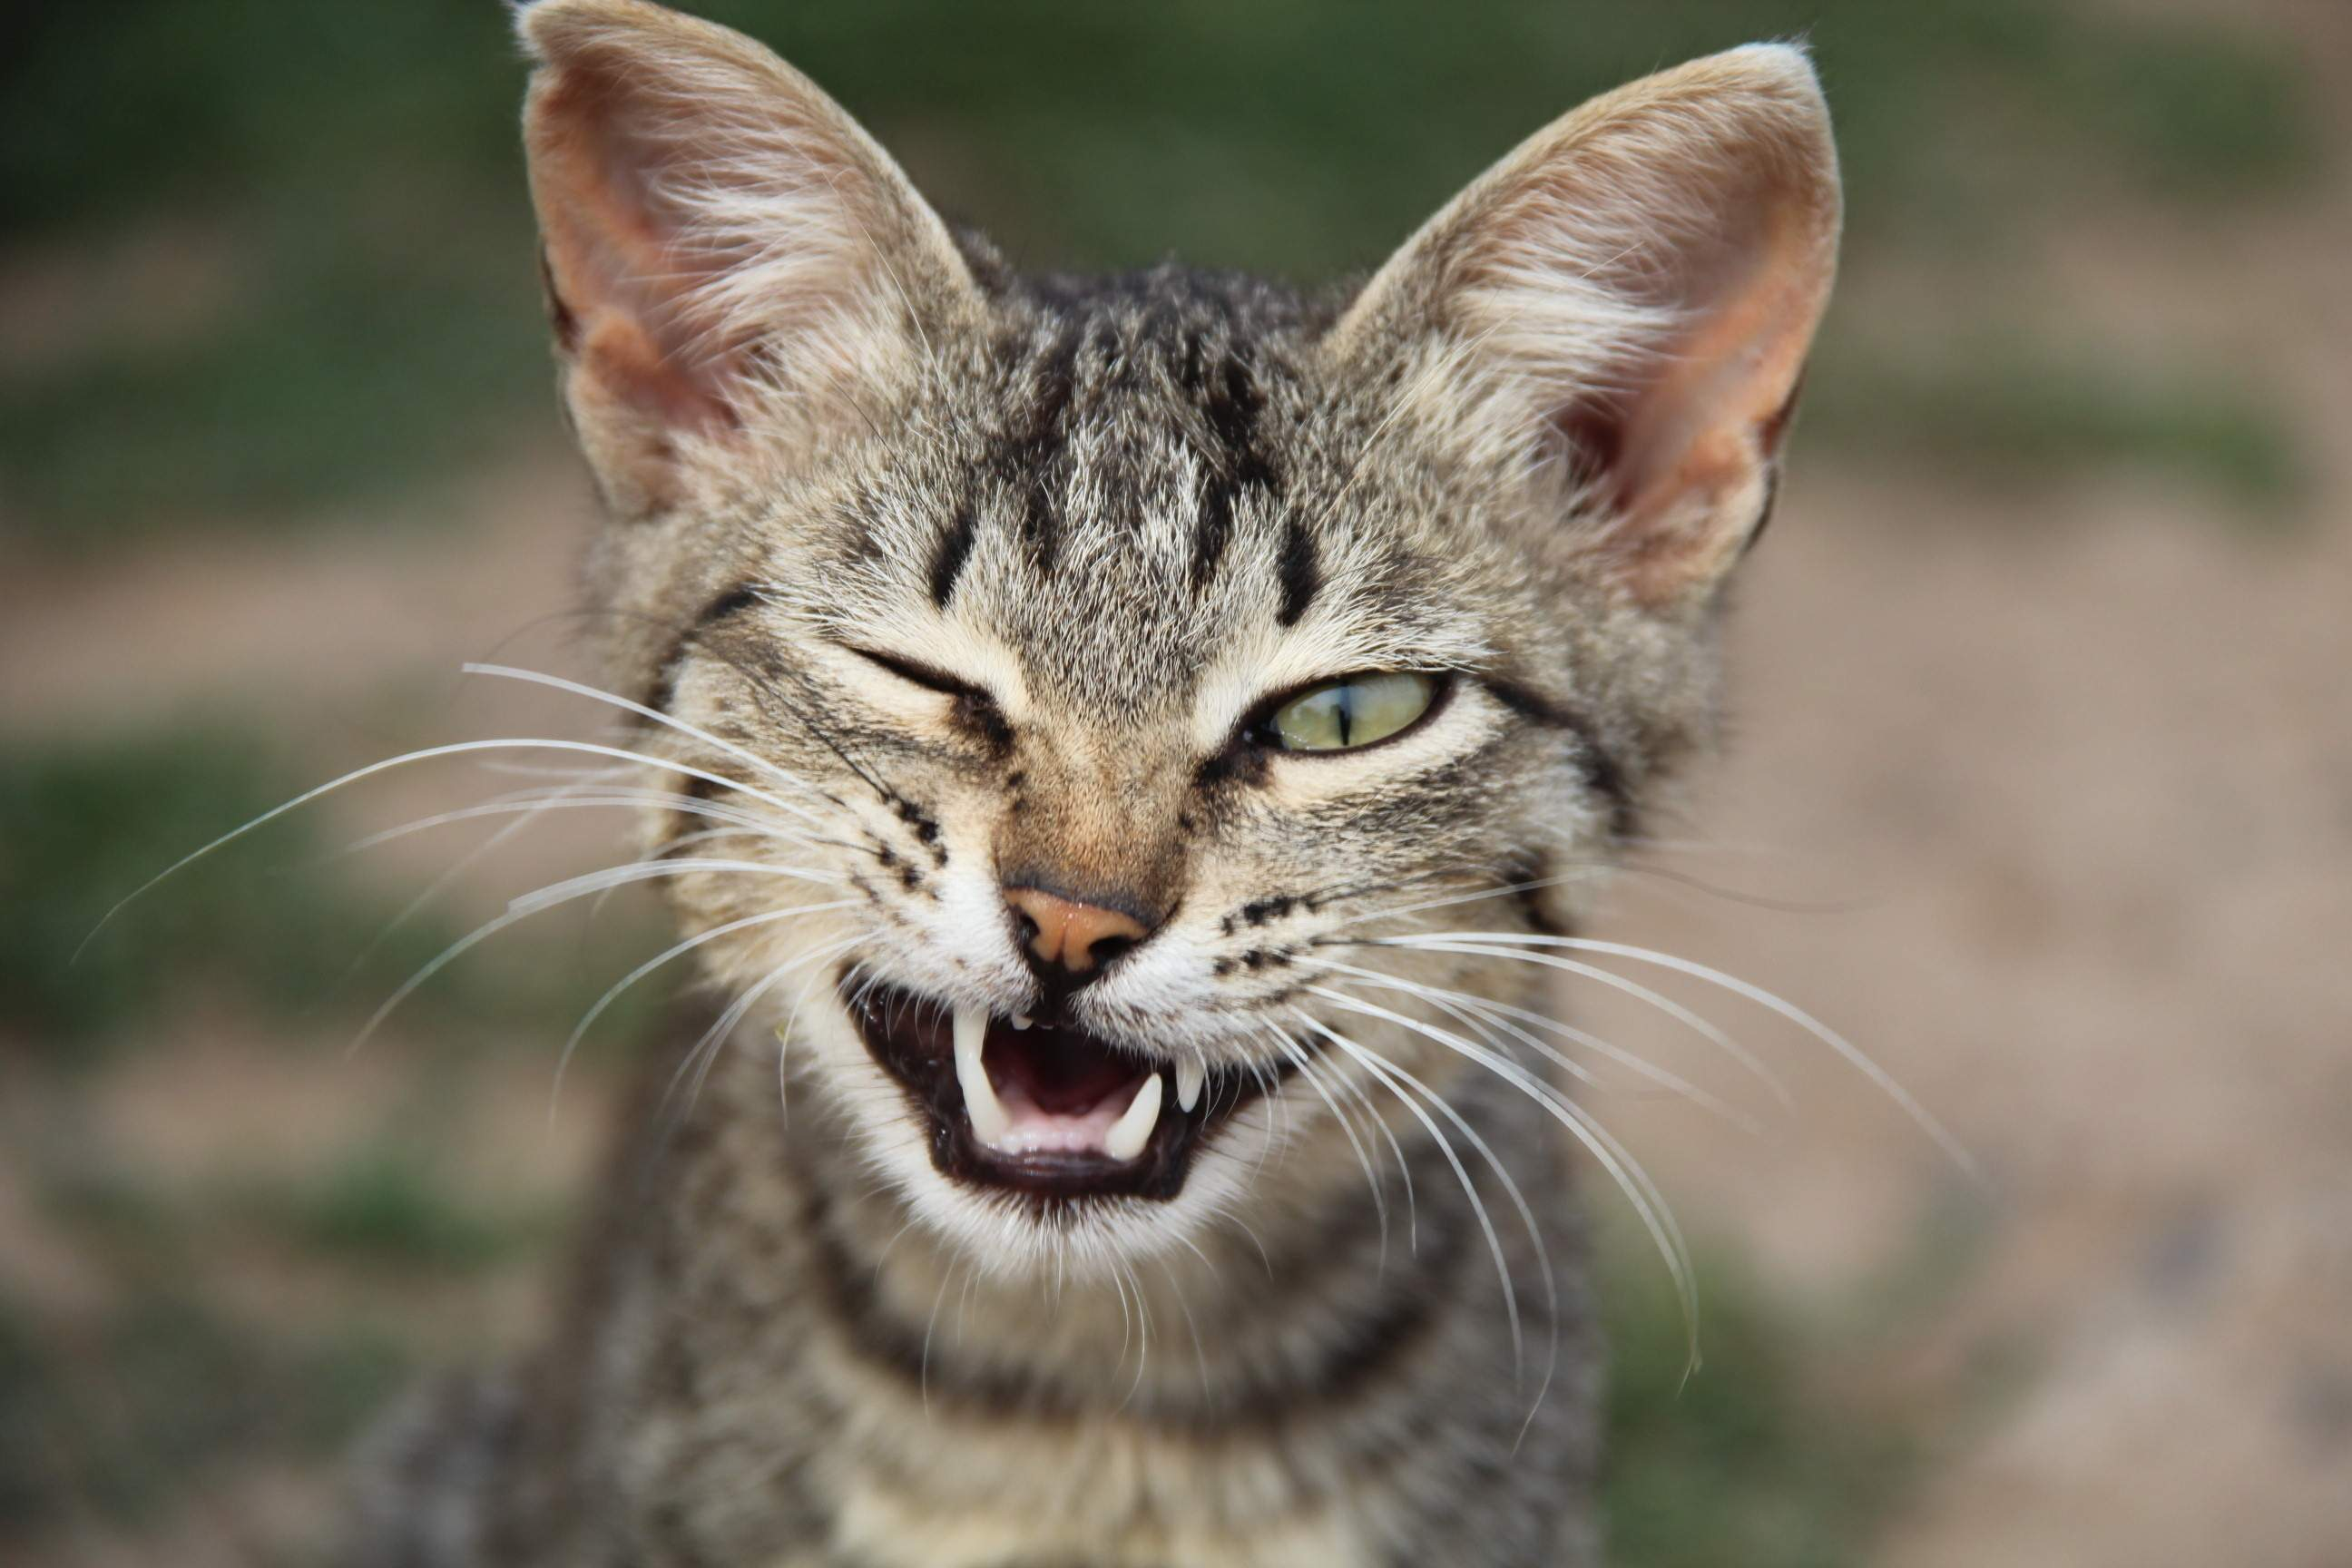 грузовых картинка смешные морды кошек счастливое время, когда